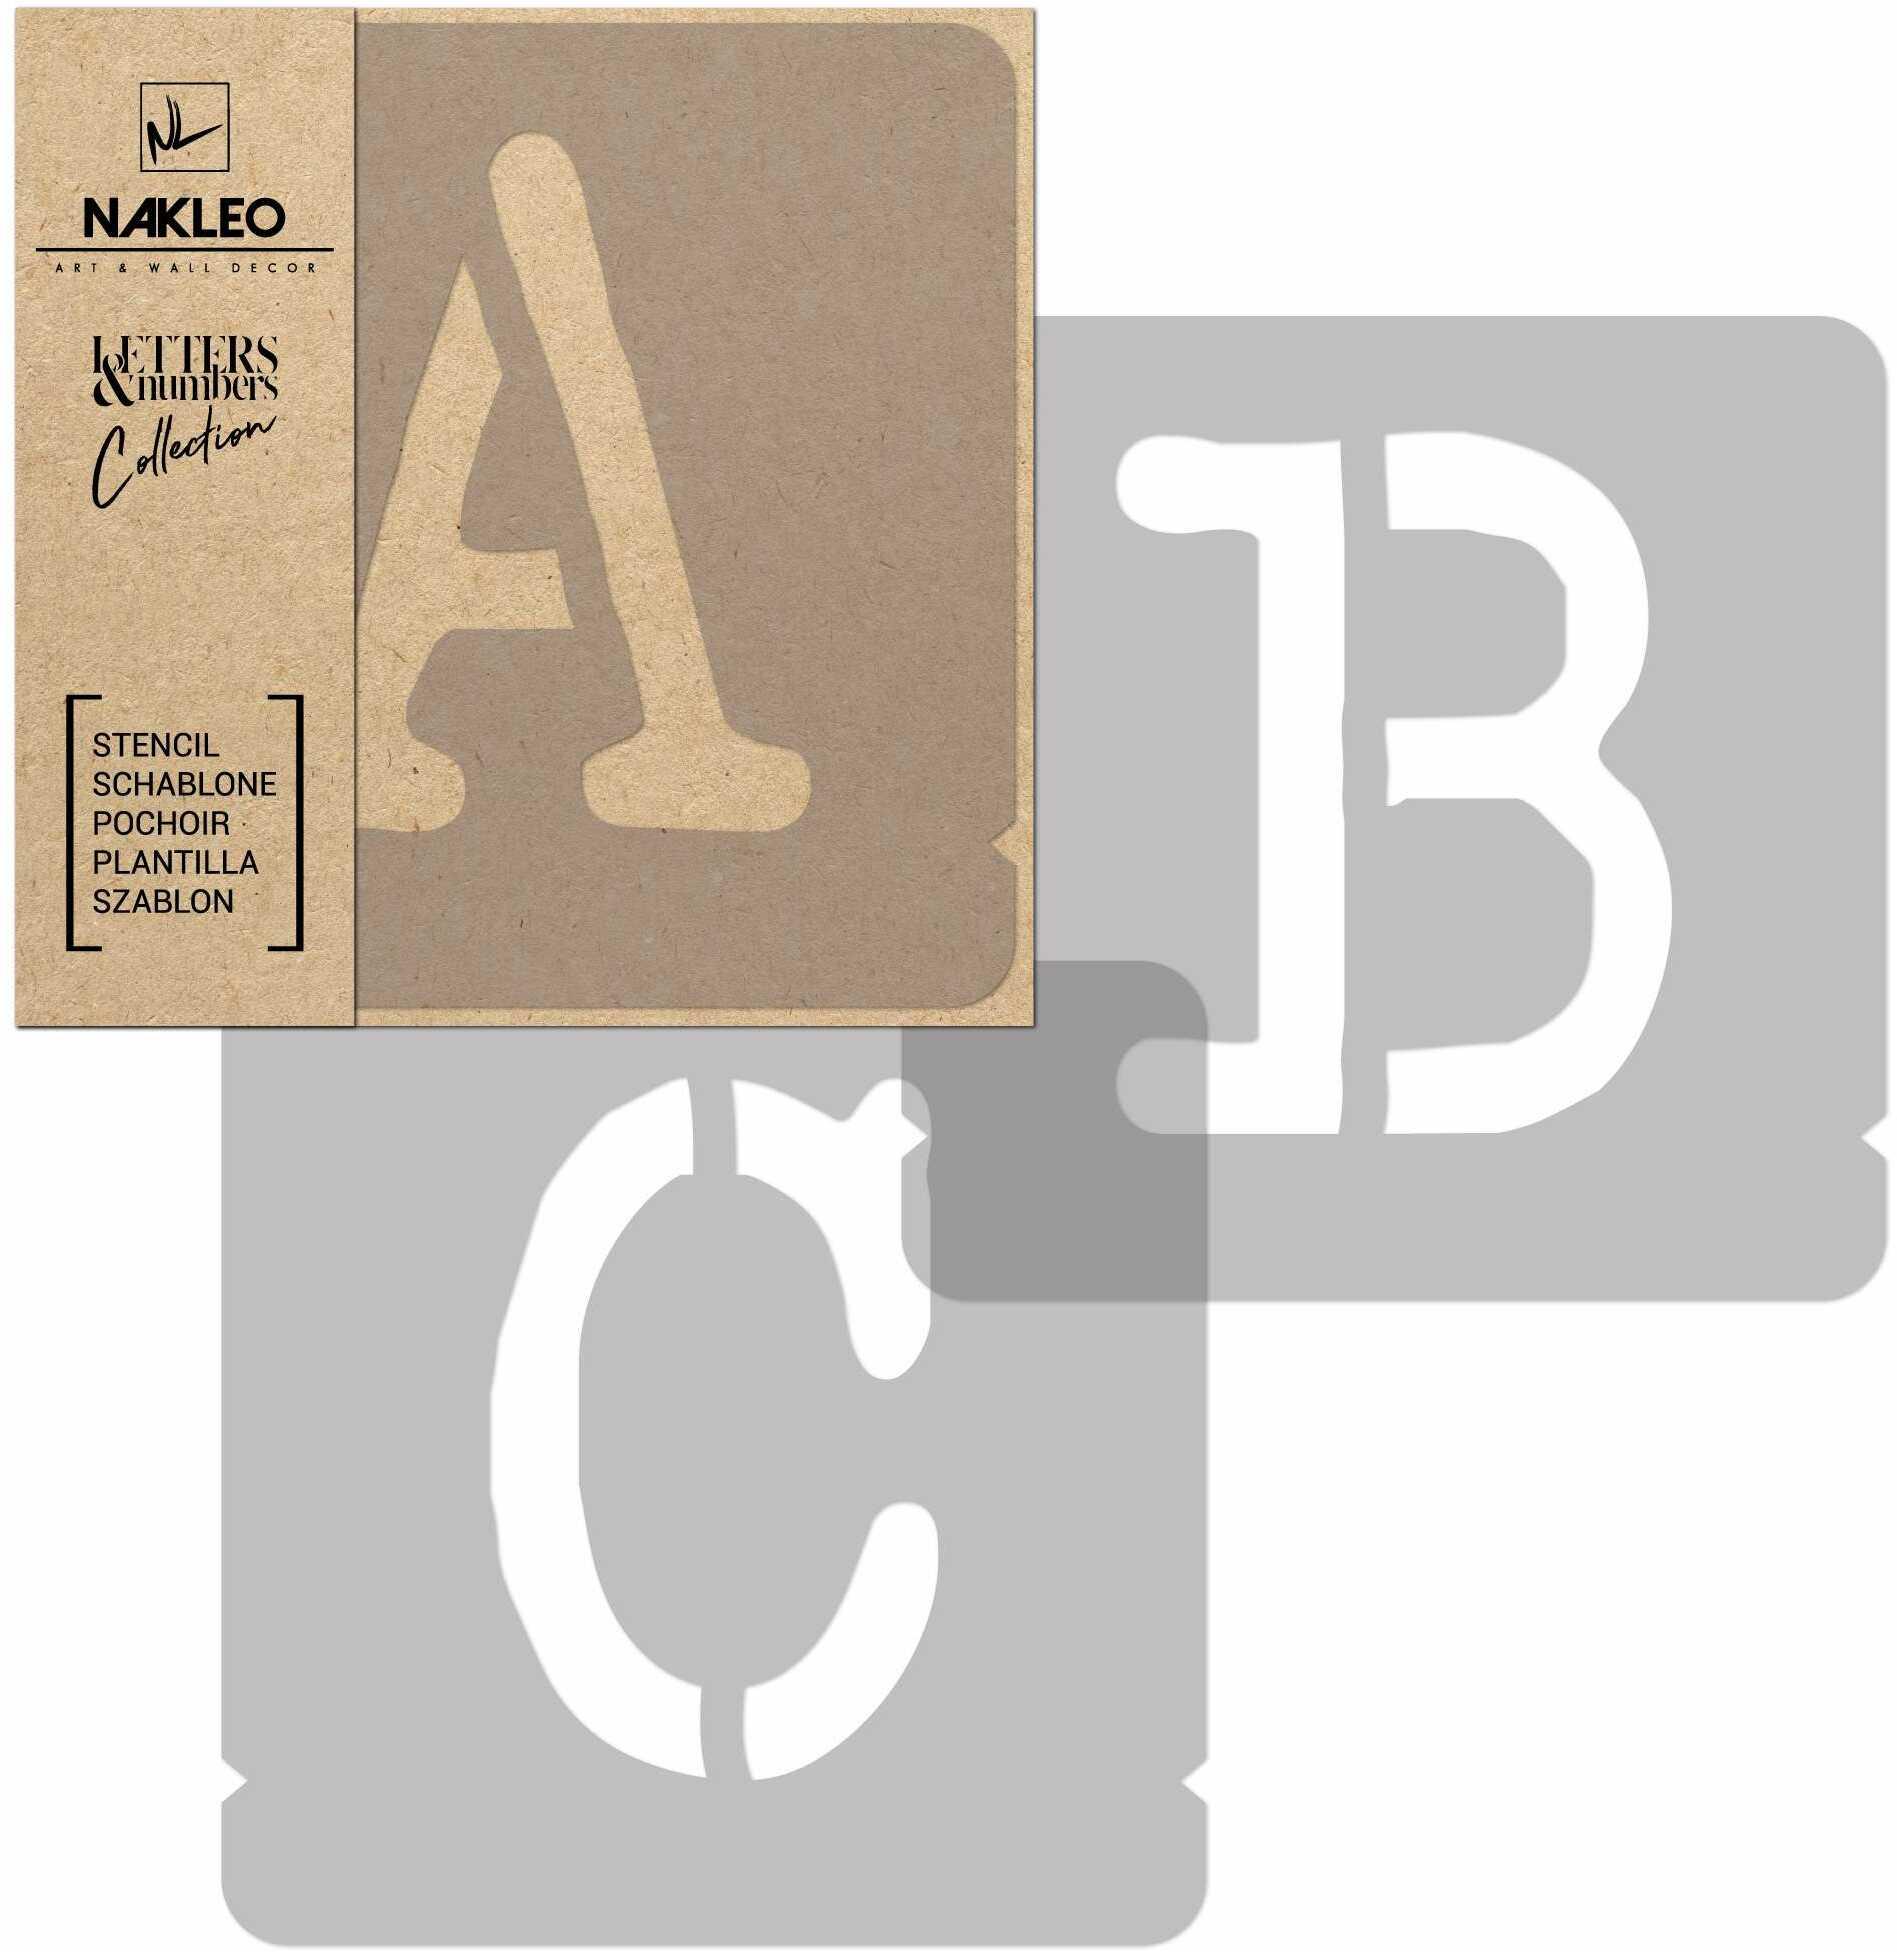 szablon malarski wielokrotny // litery i cyfry 140 mm // Typewriter Wielkie